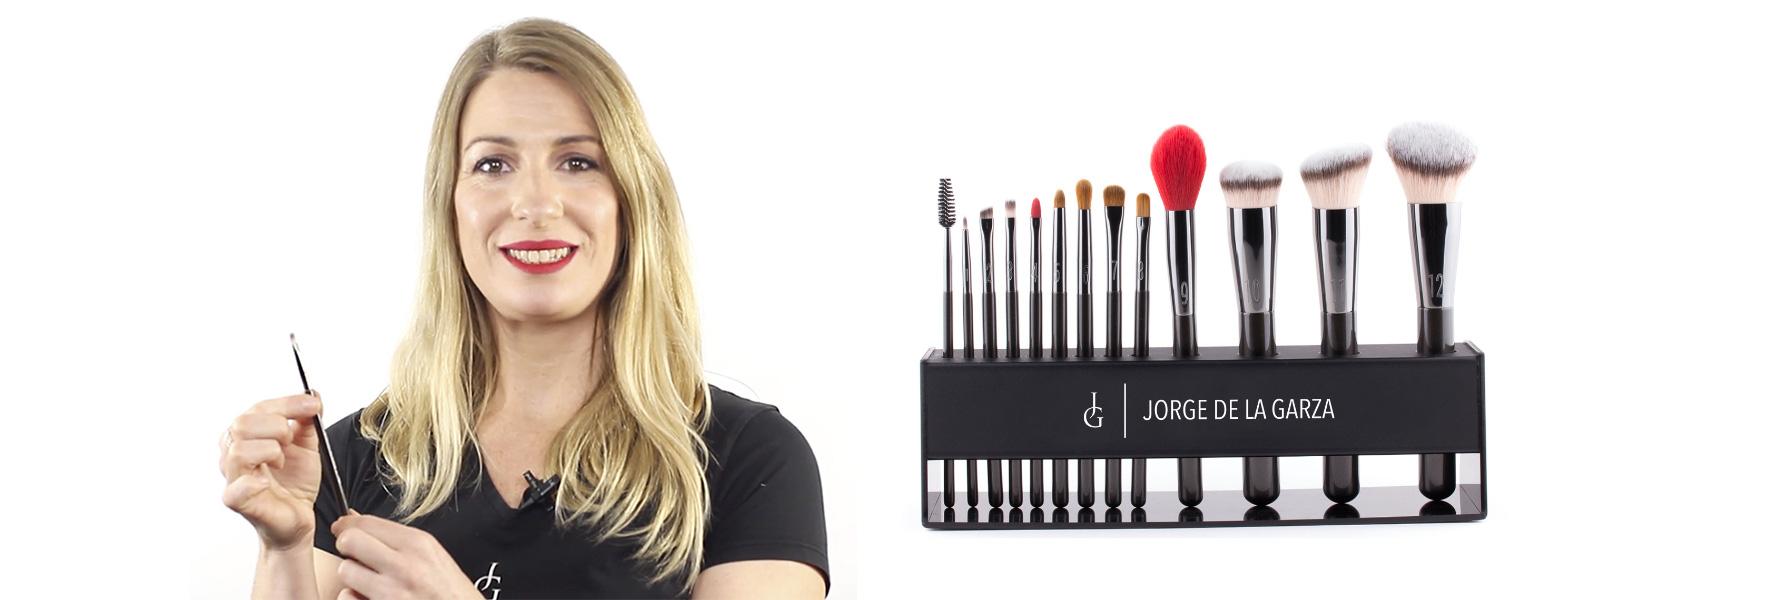 Vídeo guía completa pinceles de maquillaje